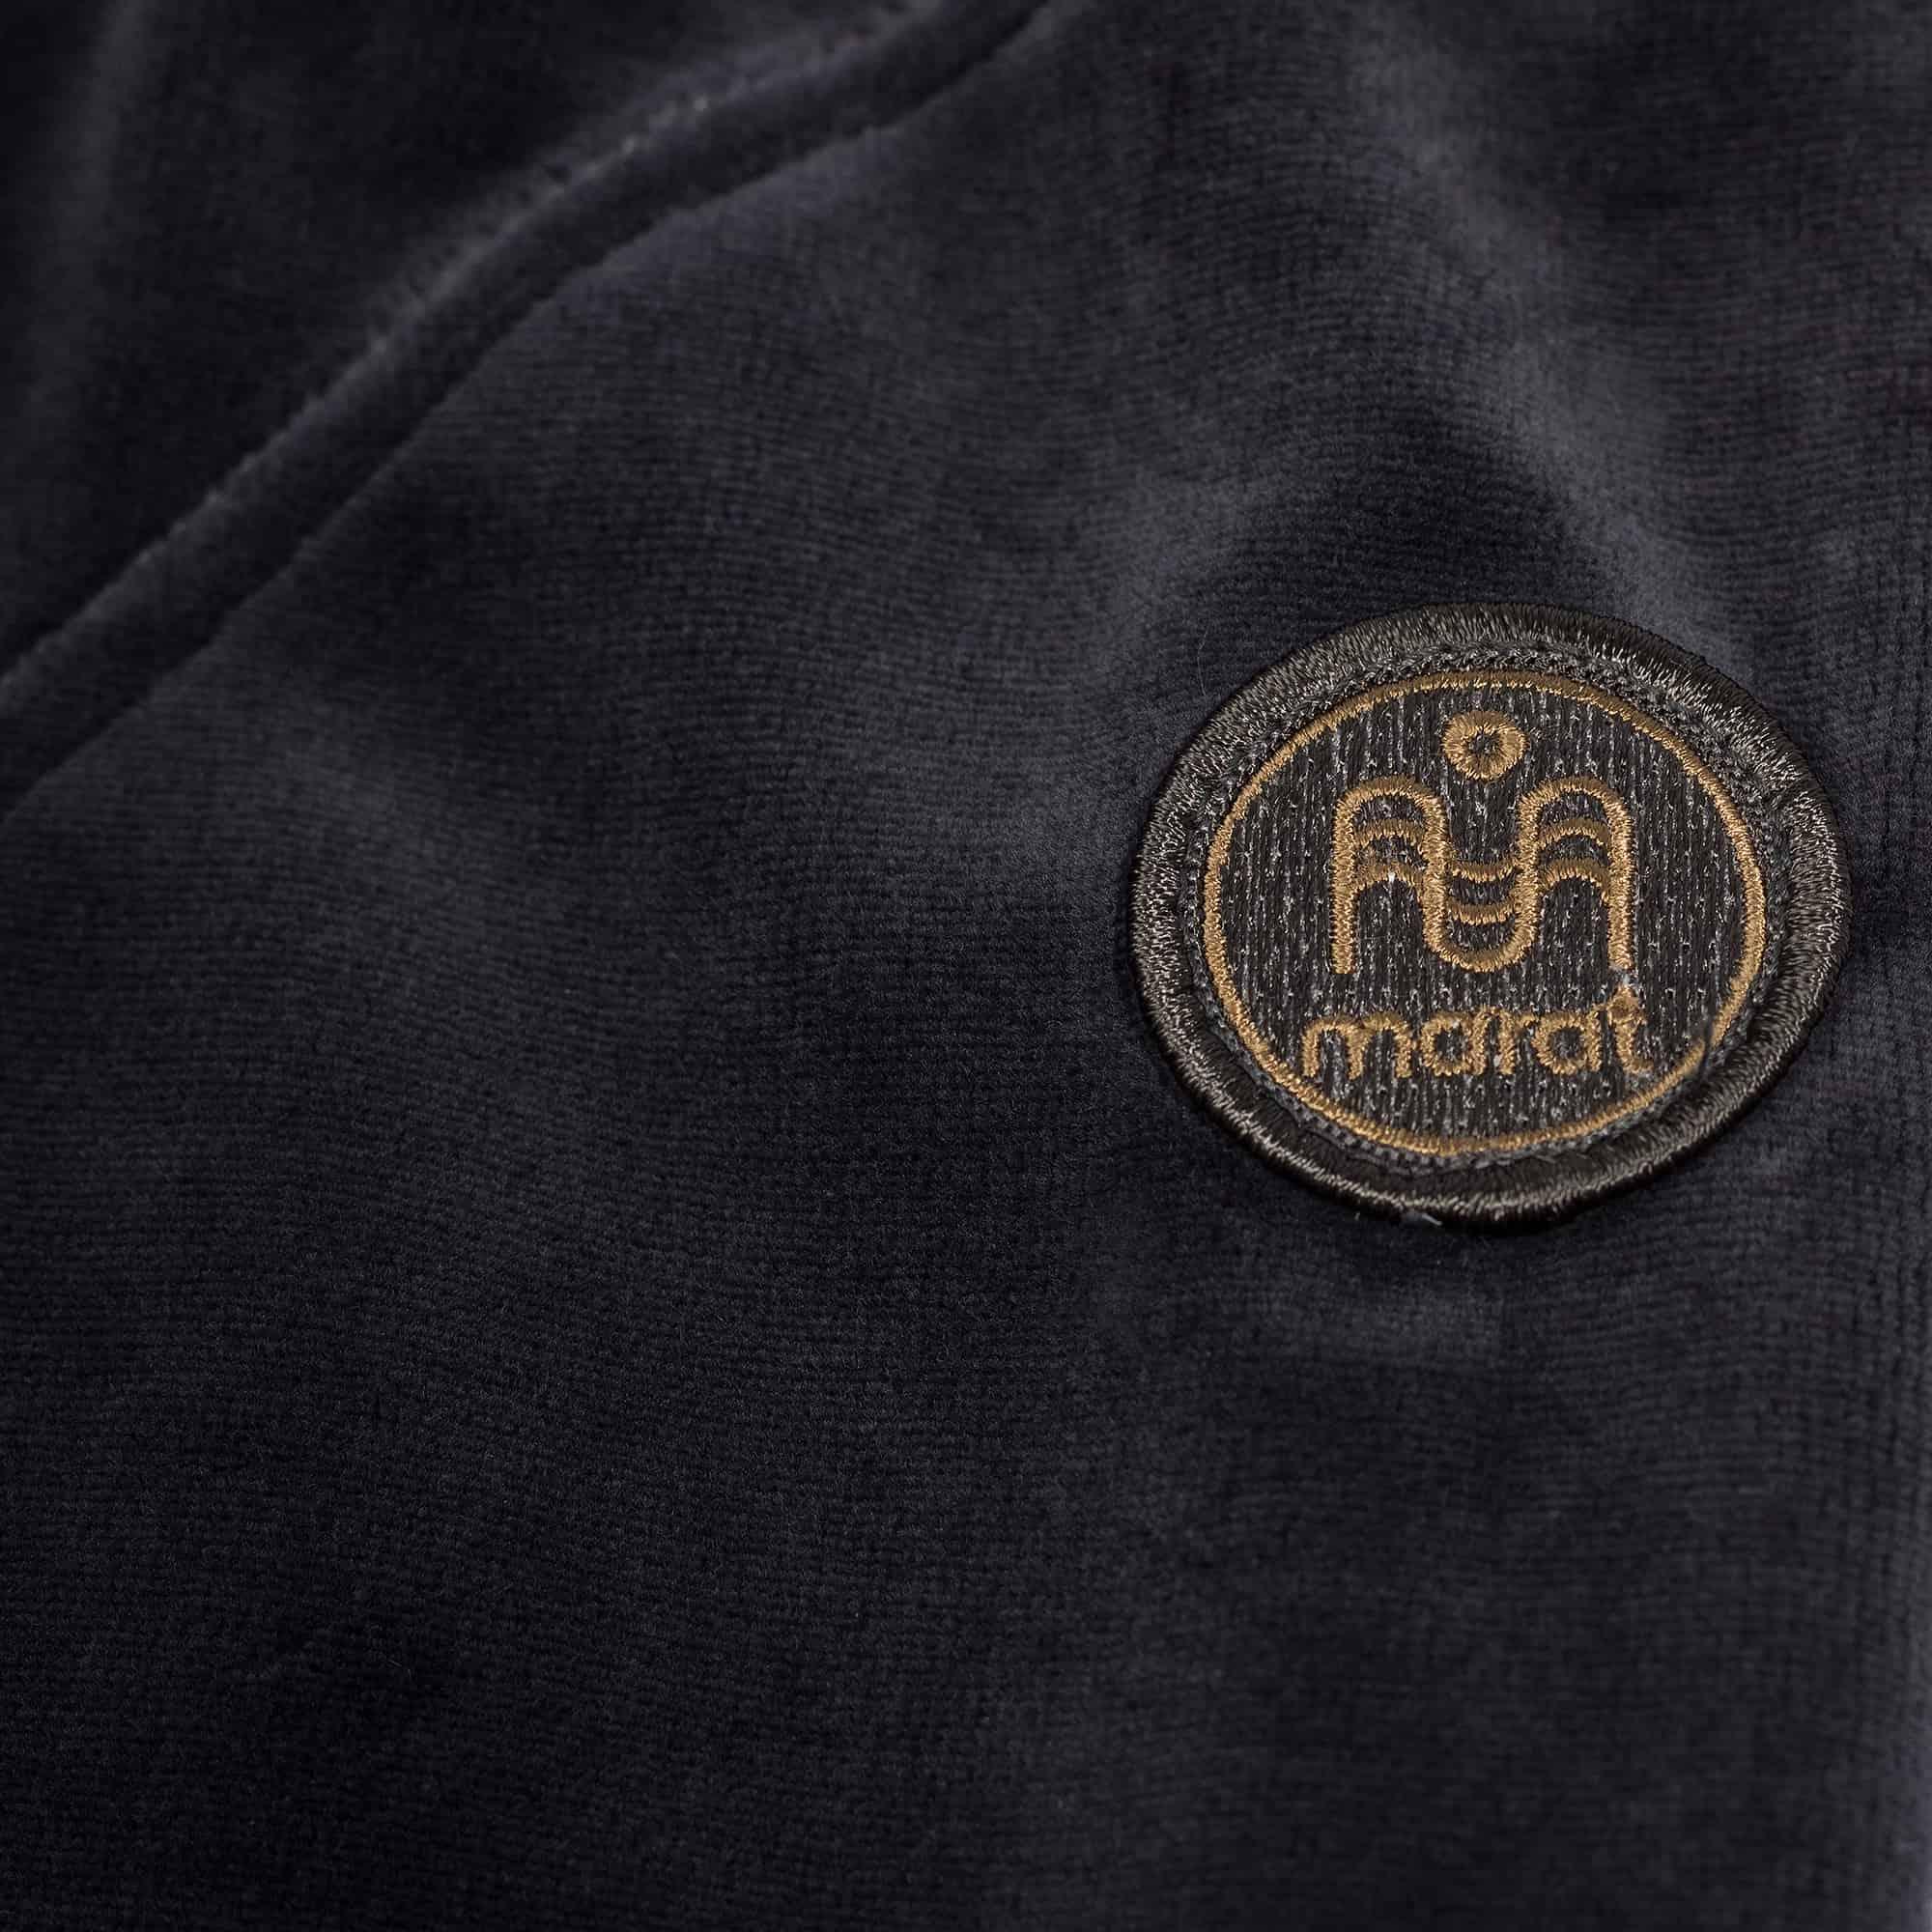 efe54f9cf78 meeste-sametdressid valmistatud hallid dressipüksid